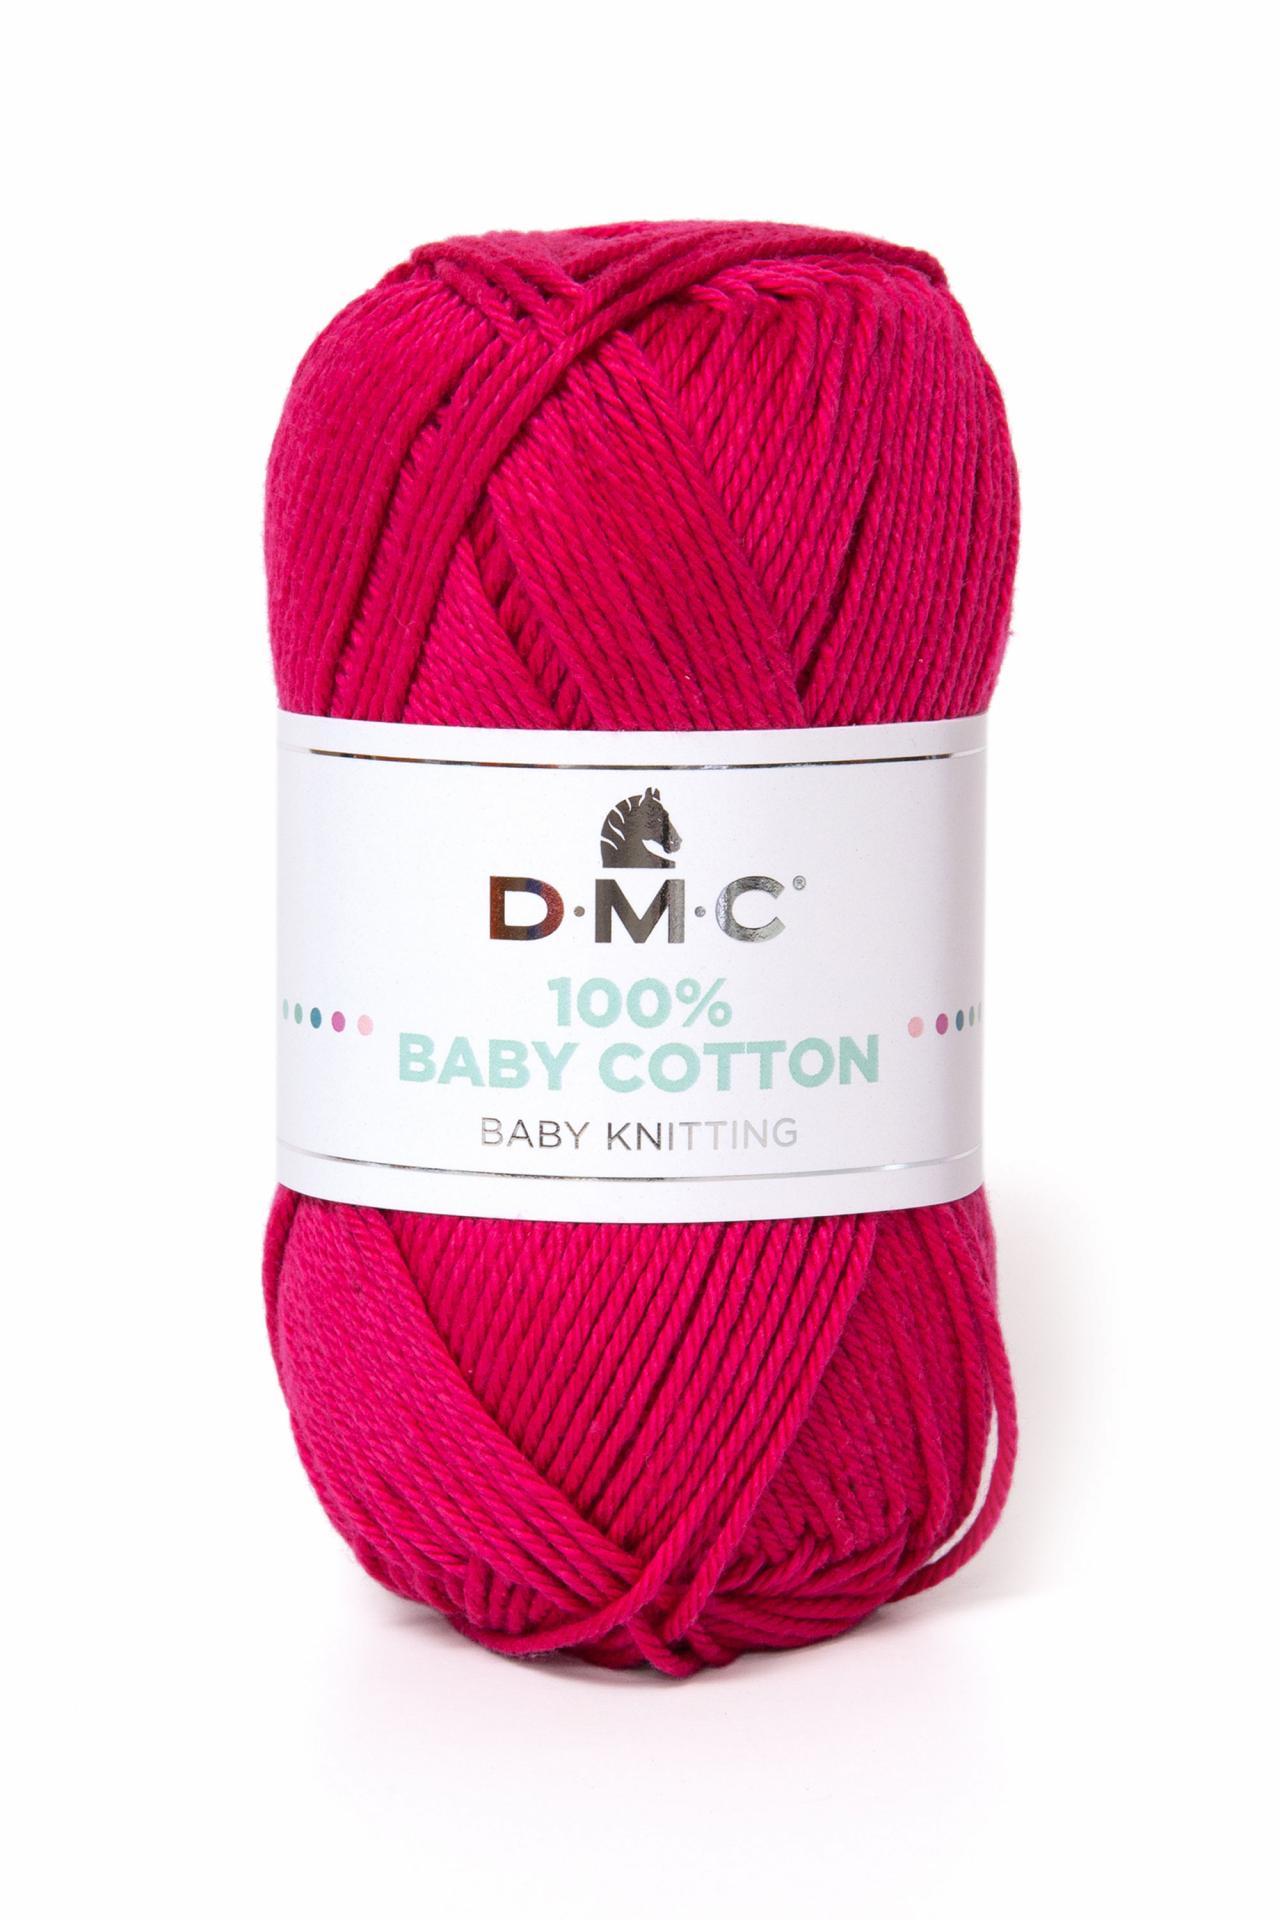 Hilo DMC 100% Baby Cotton 755 Fucsia